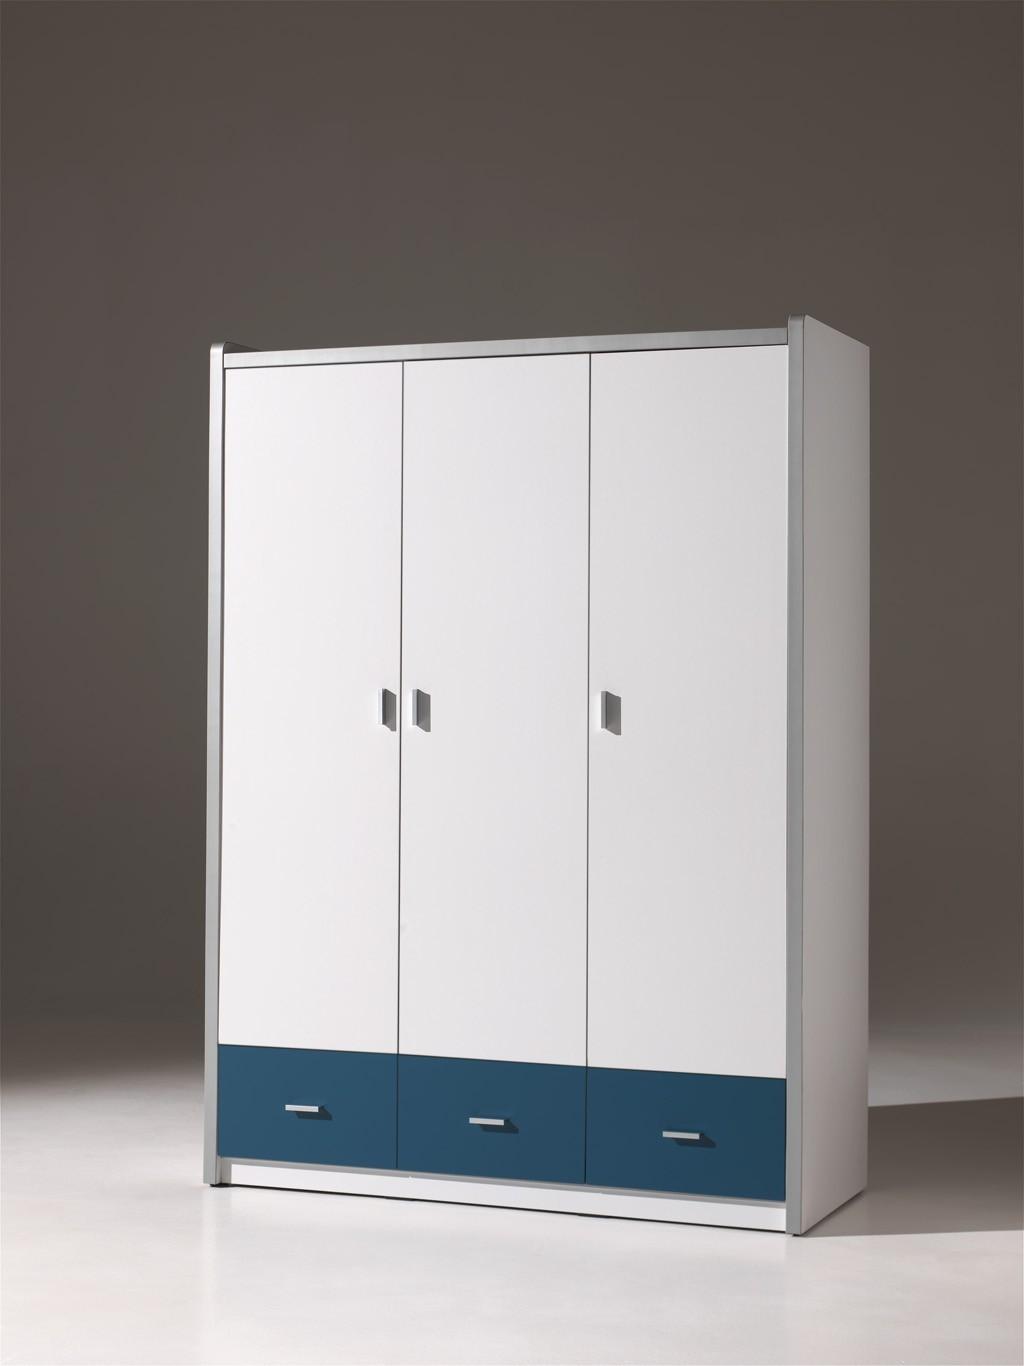 kleiderschrank bonny 3 t rig wei blau kinder jugendzimmer. Black Bedroom Furniture Sets. Home Design Ideas